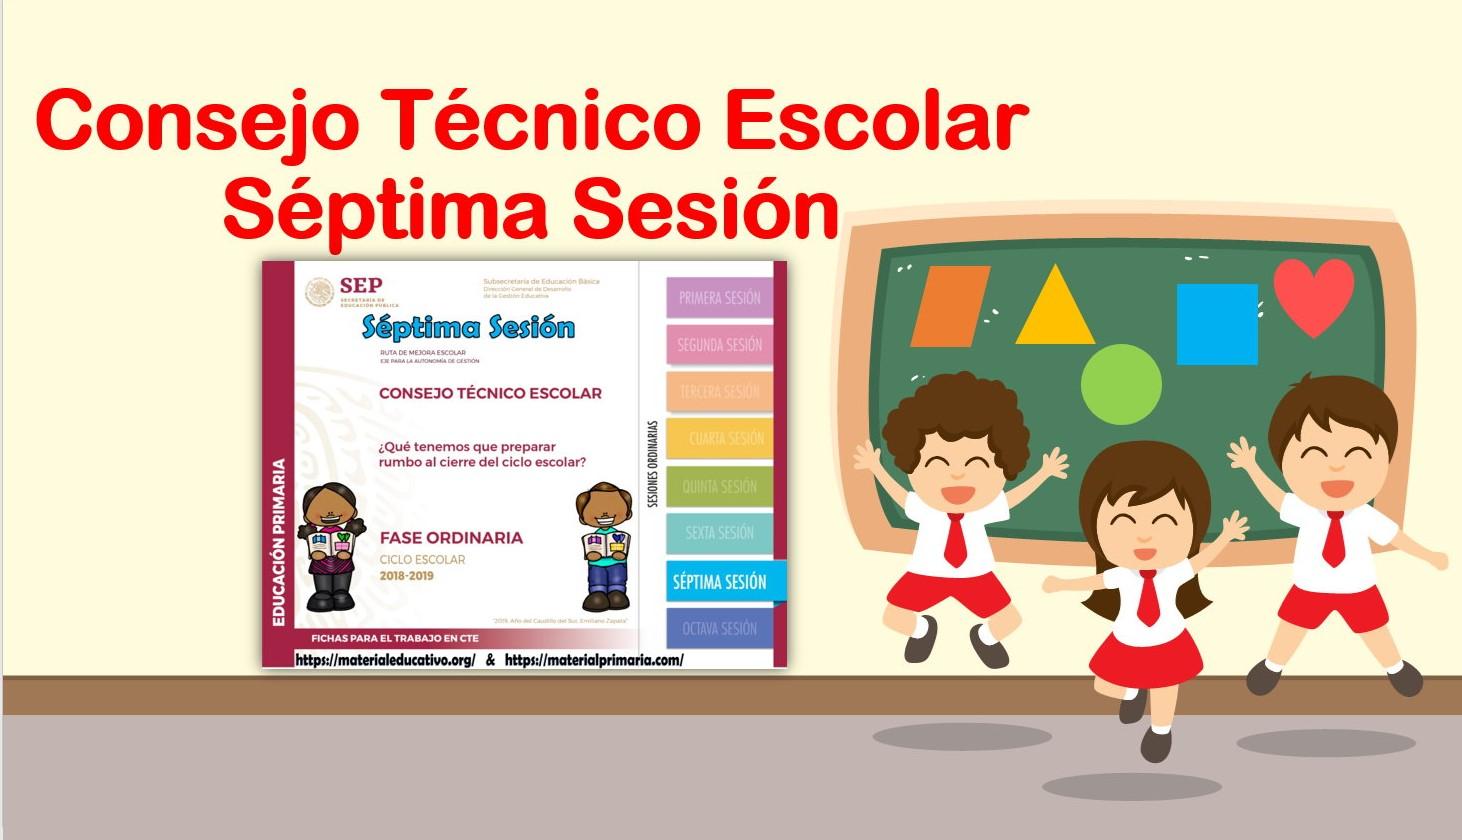 Productos contestados octava sesion de consejo tecnico escolar 2020